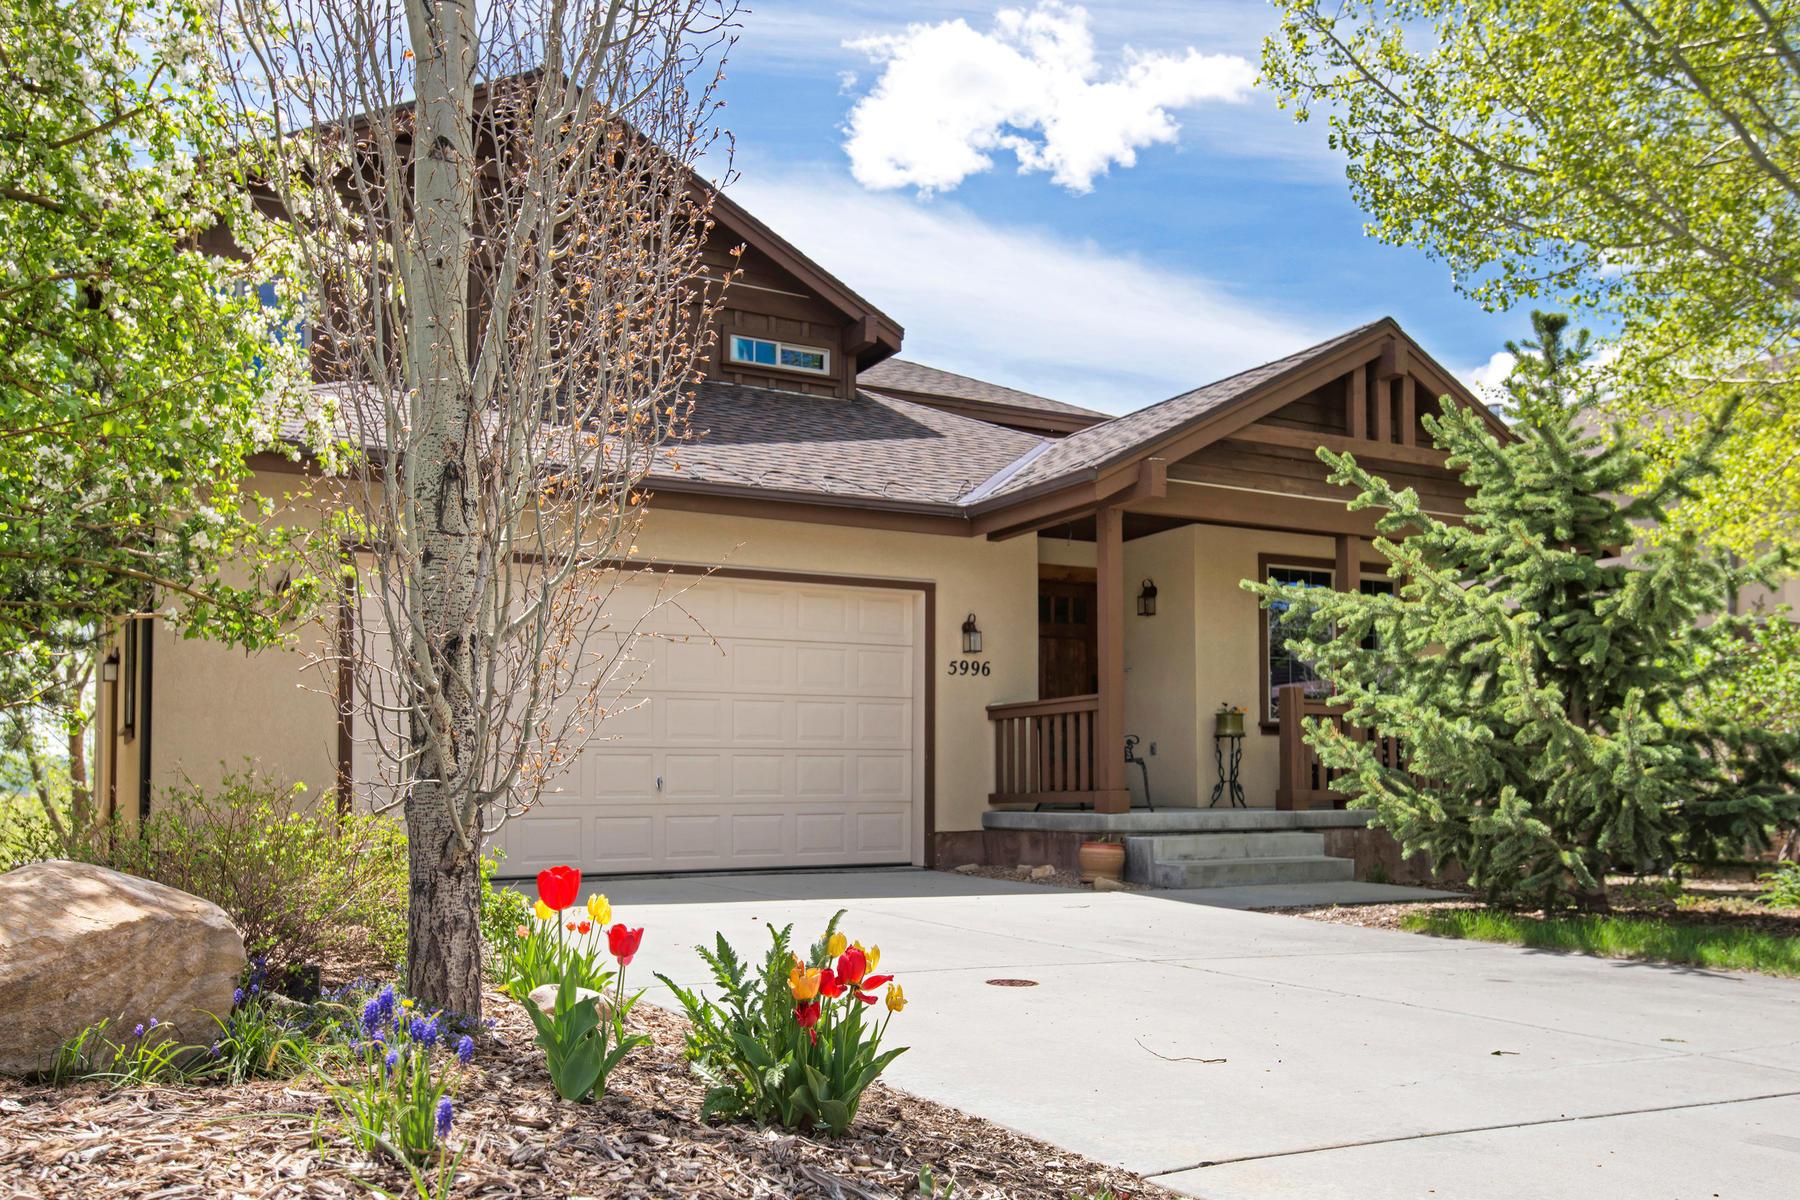 Частный односемейный дом для того Продажа на Beautifully Remodeled and Impeccably Maintained 5996 Fairview Dr Park City, Юта, 84098 Соединенные Штаты